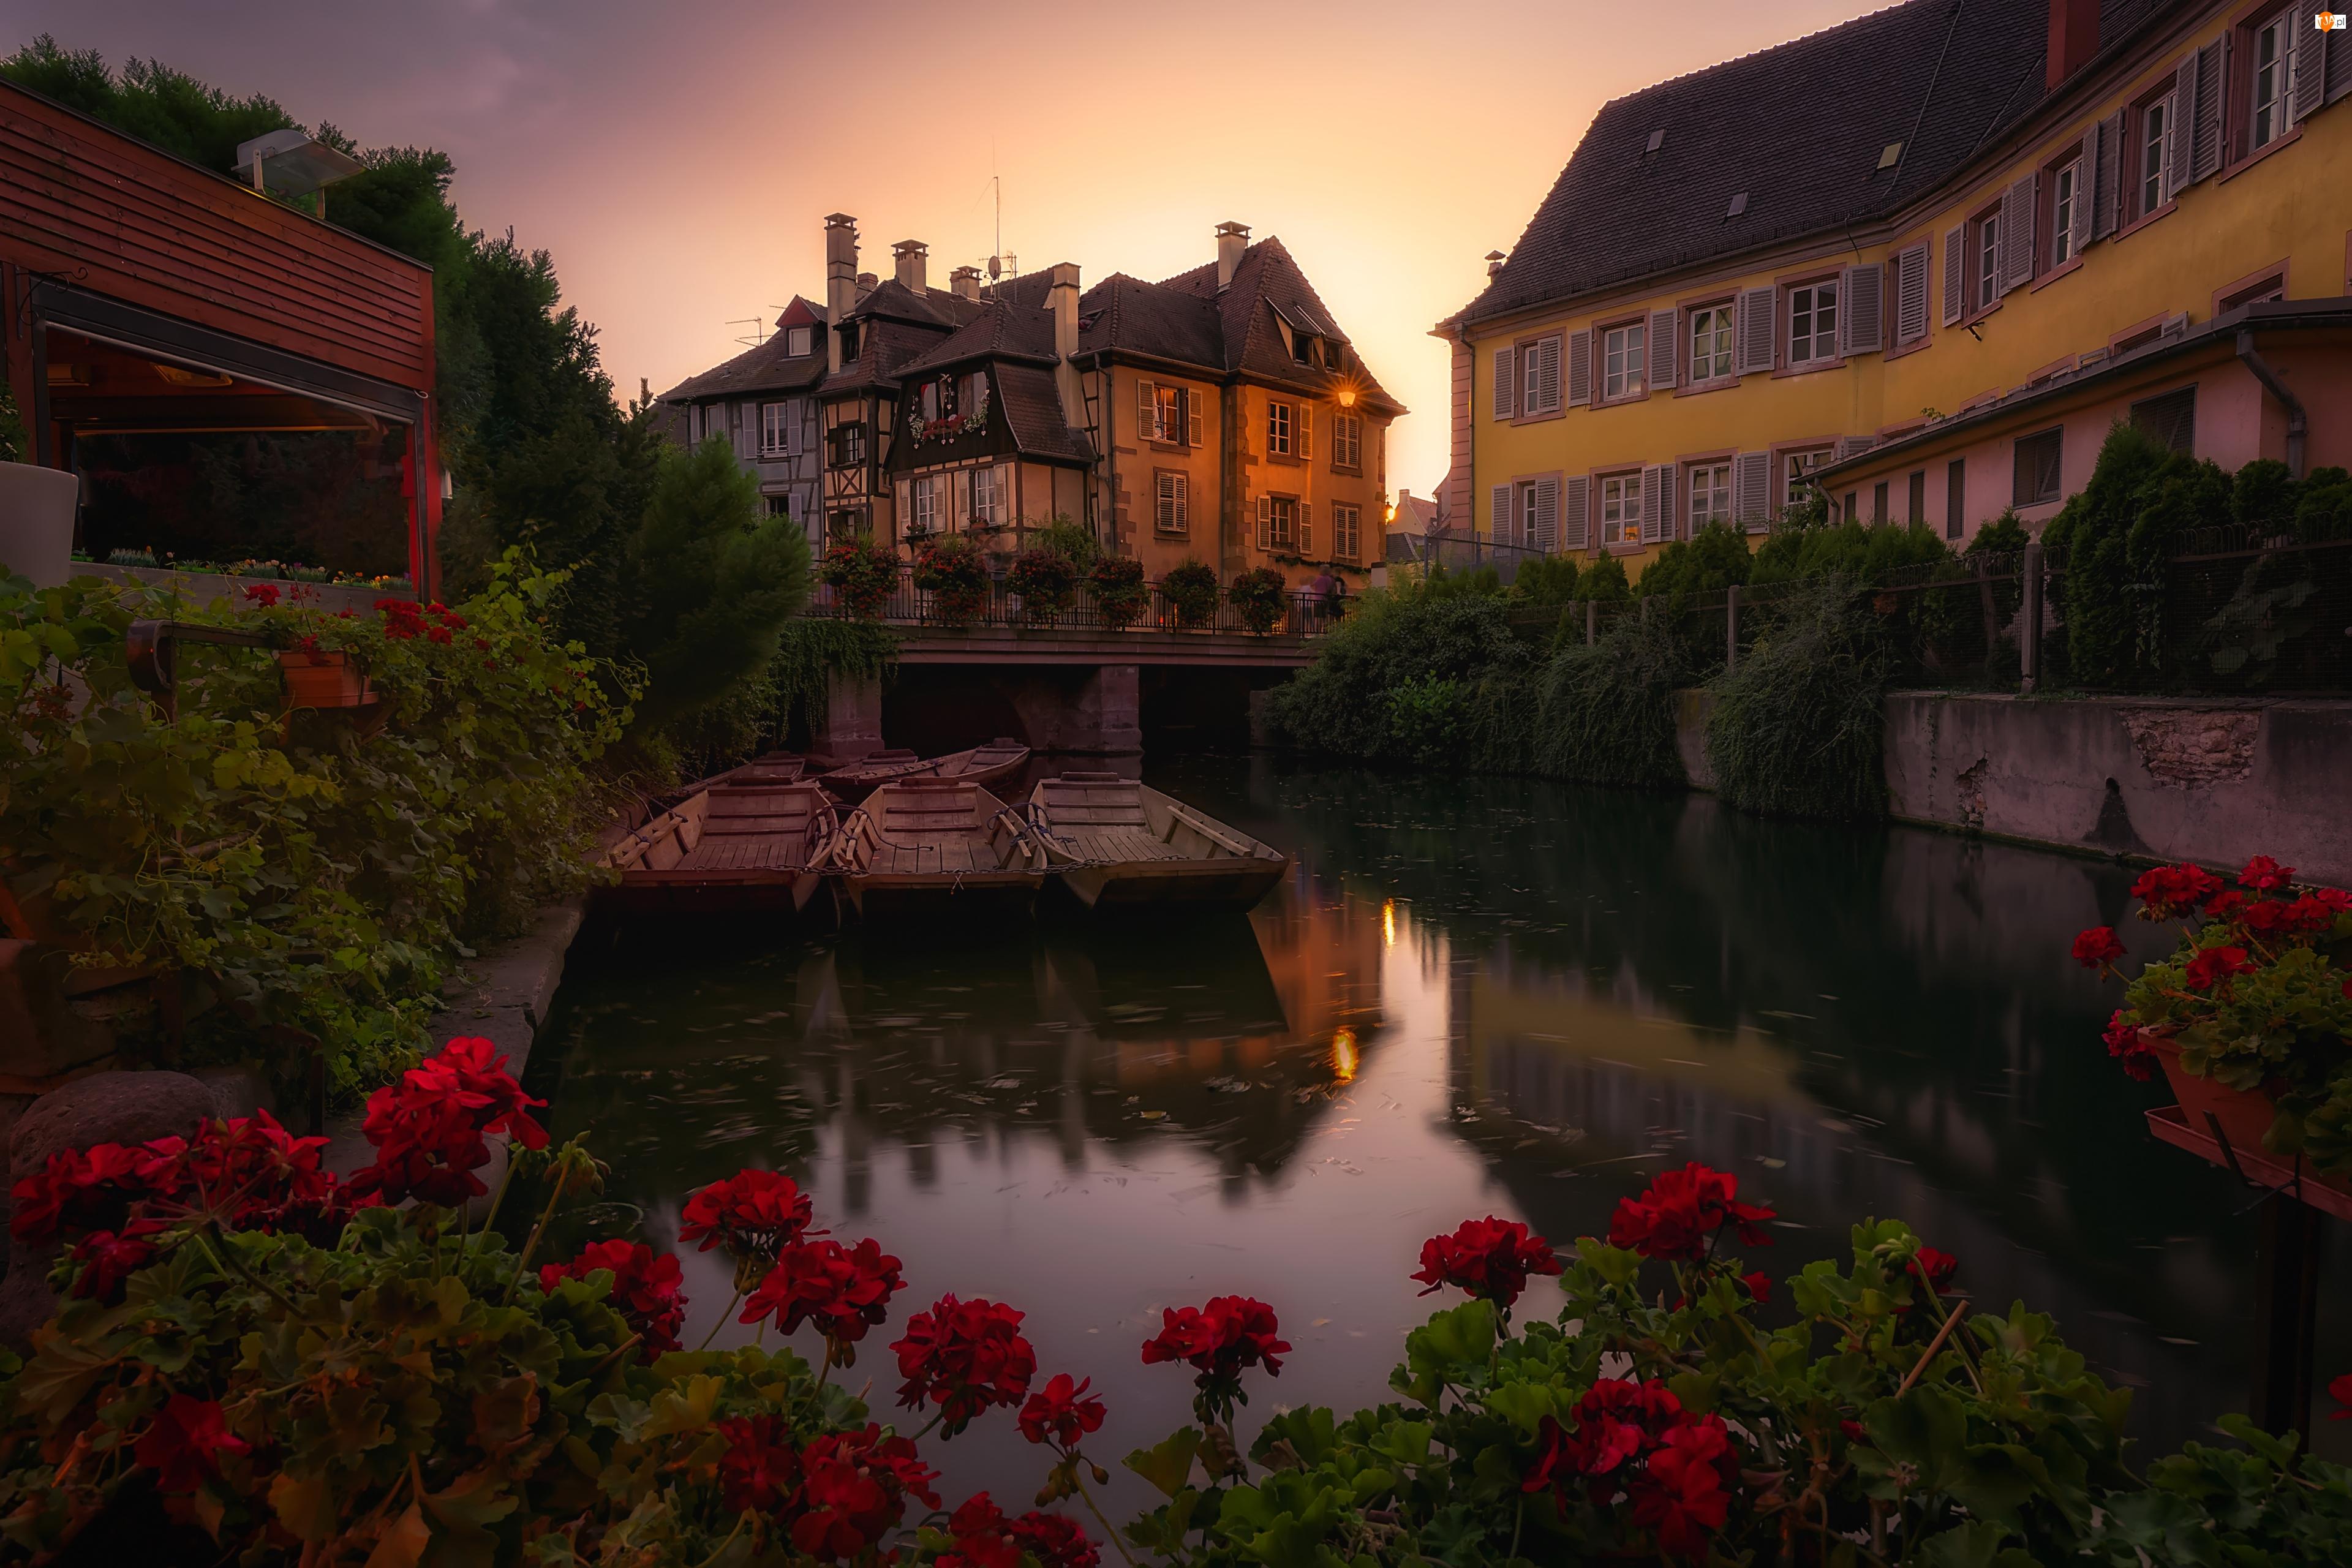 Rzeka Lauch, Łódki, Francja, Domy, Departament Górny Ren, Miasto Colmar, Dzielnica Mała Wenecja